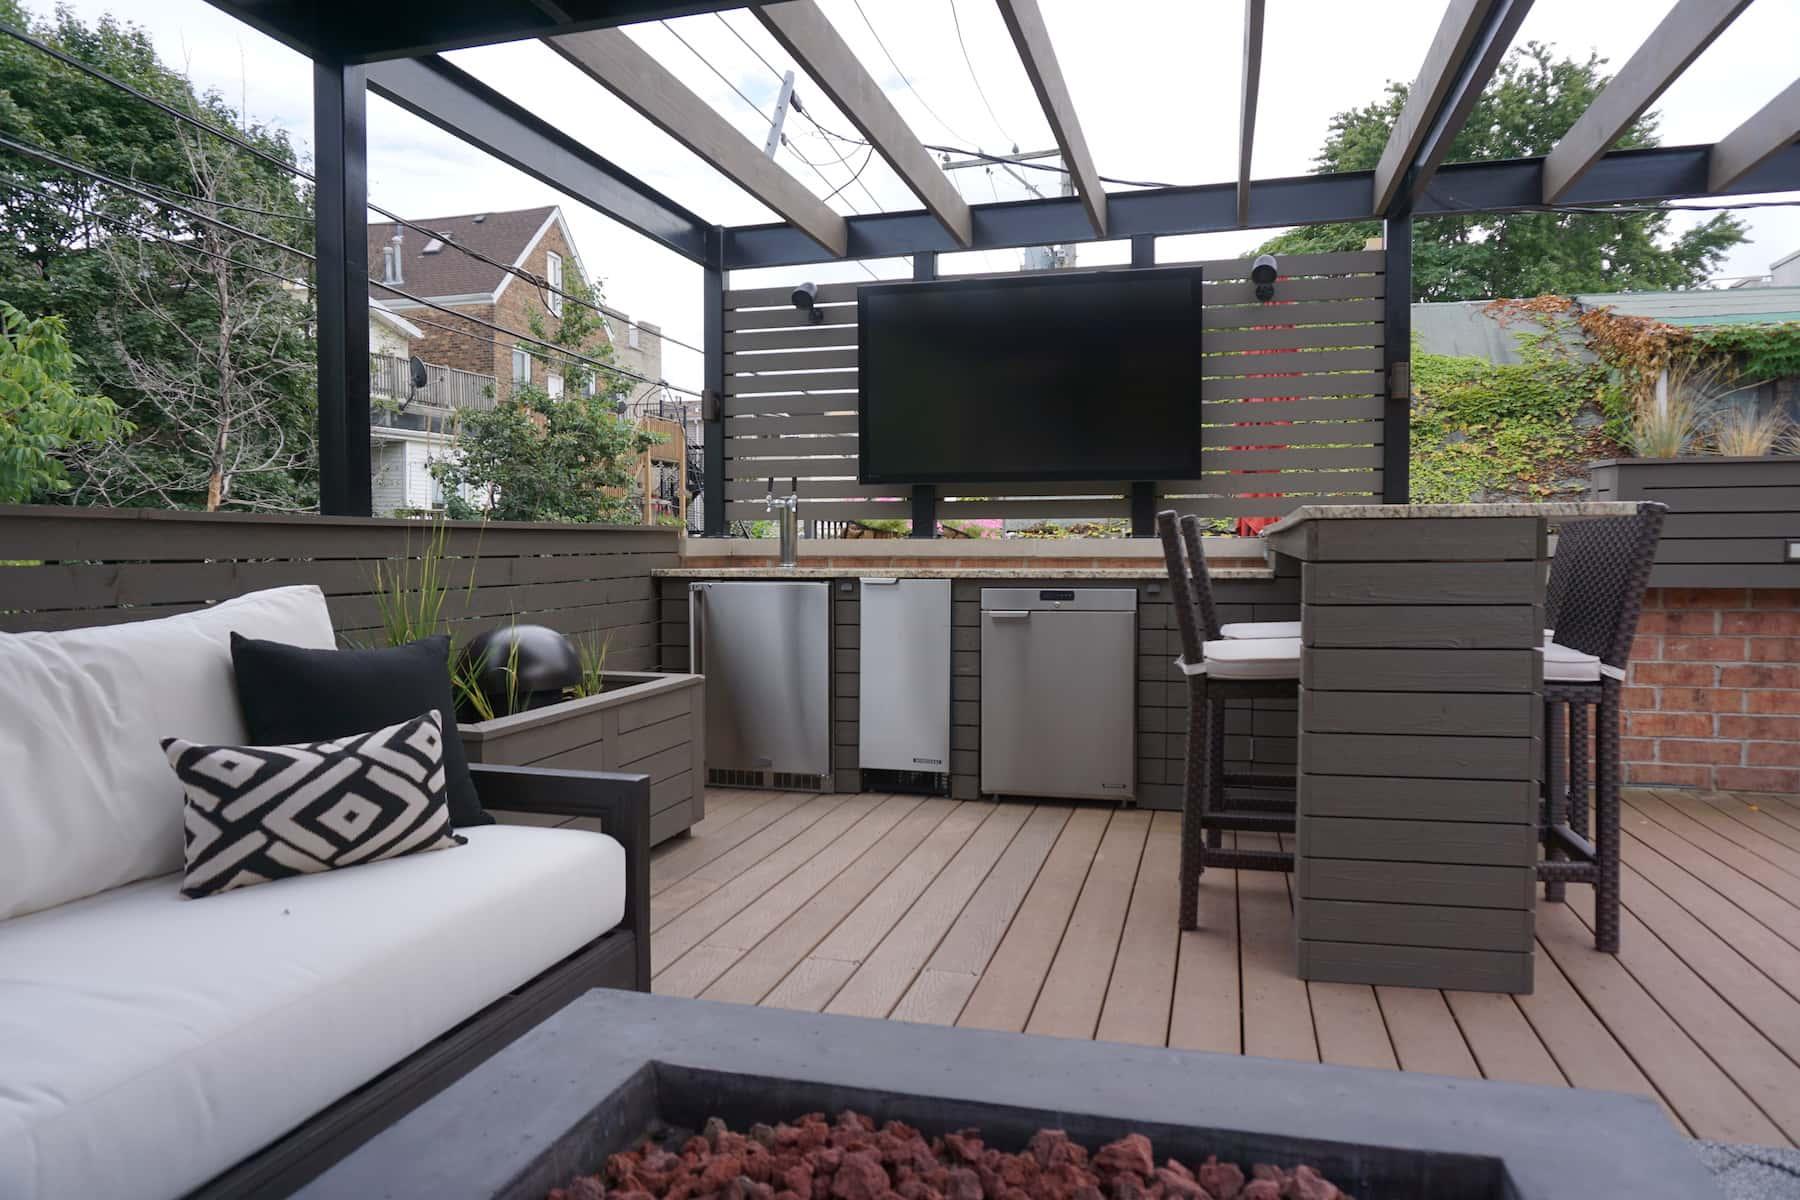 Outdoor furniture TV and pergola in Denver